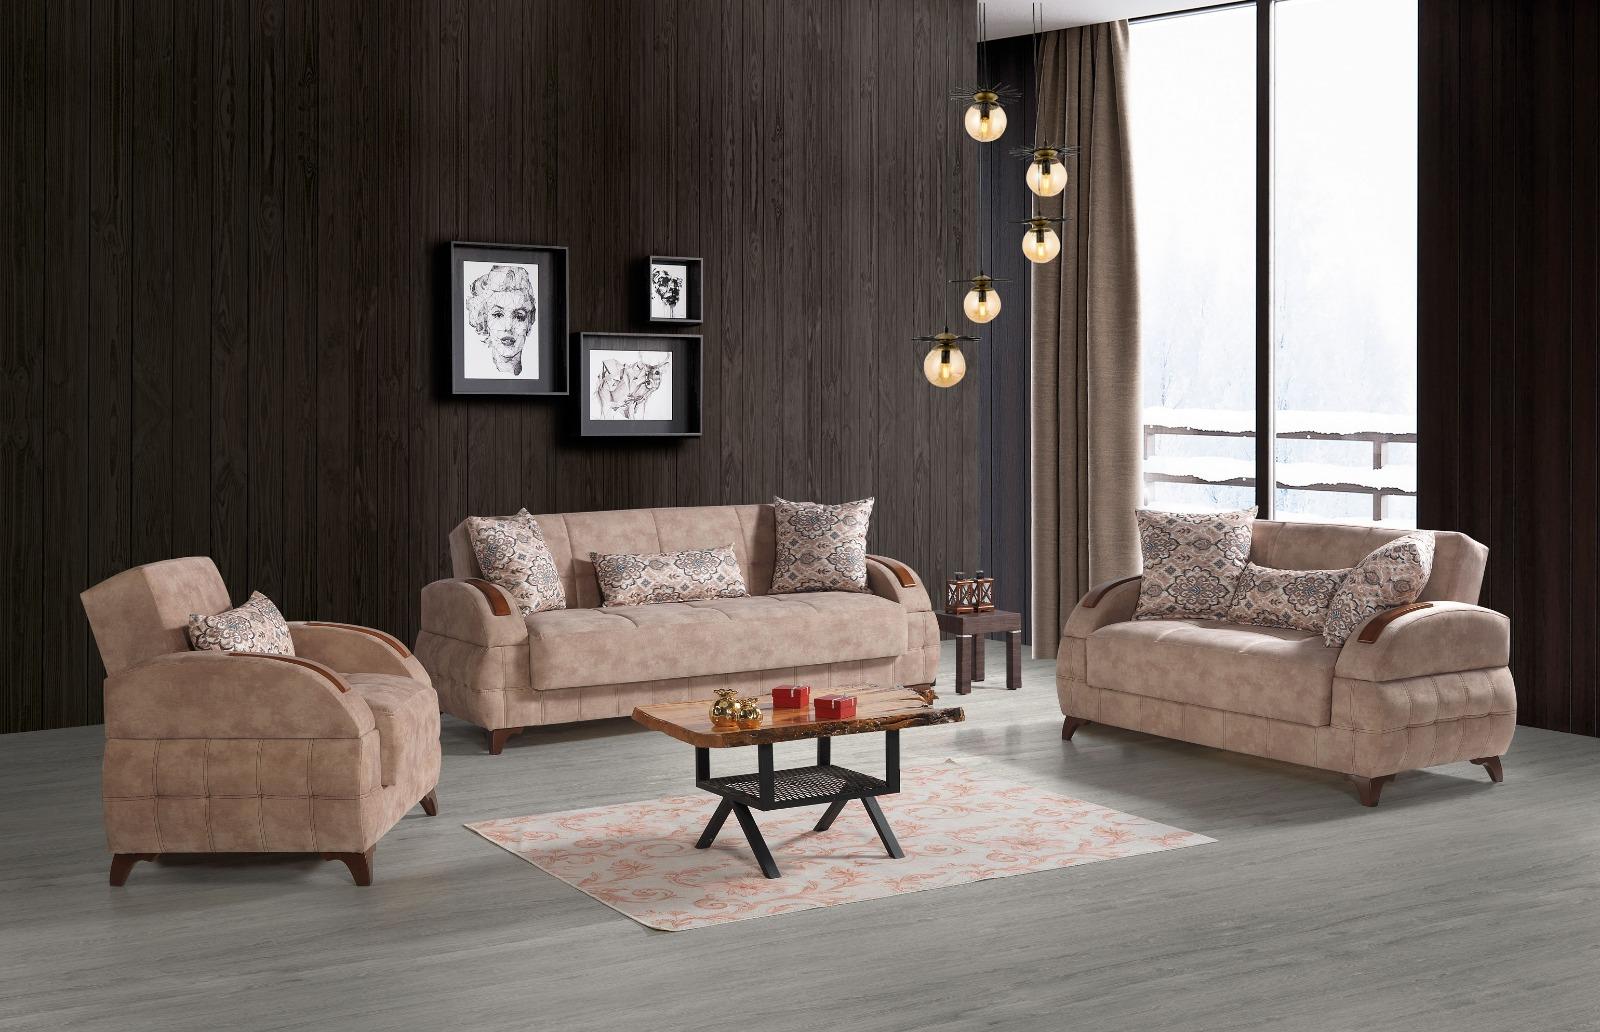 Full Size of Sofa Garnitur 3 Teilig Leder Billiger Couchgarnitur Kaufen Garnituren 3 2 2 Couch Ikea 3 2 1 Moderne Gebraucht Kasper Wohndesign Echtleder Schwarz Hussen Sofa Sofa Garnitur